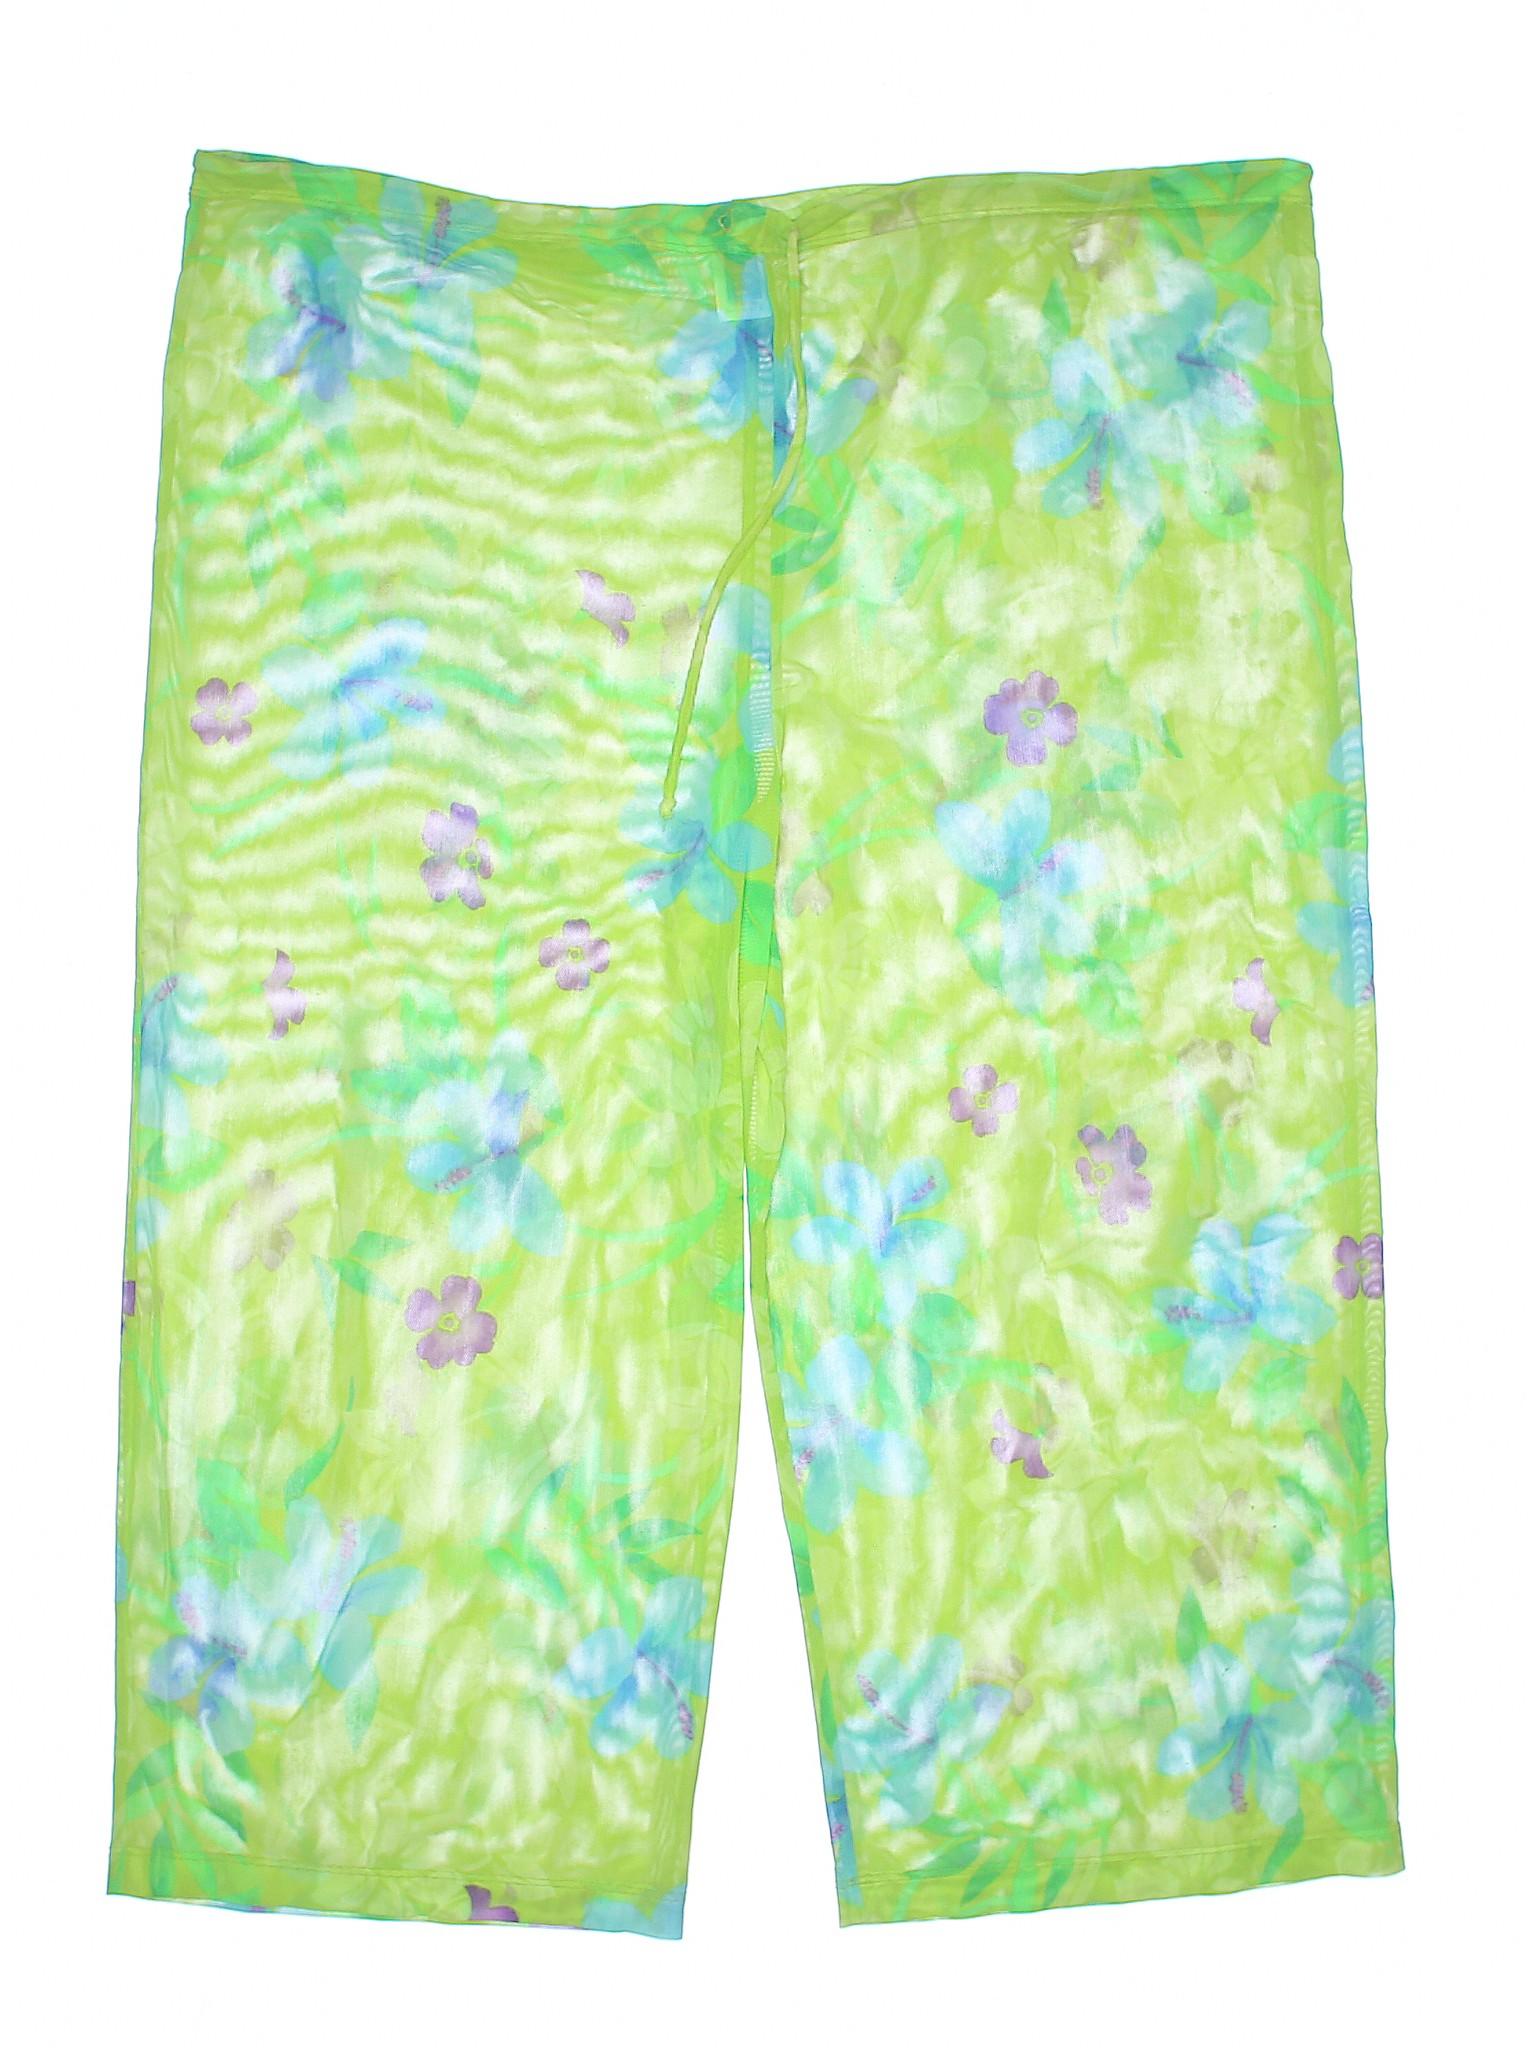 Cover Sessa Swimsuit Up Up Sessa Sessa Boutique Boutique Swimsuit Boutique Cover EqdHwv